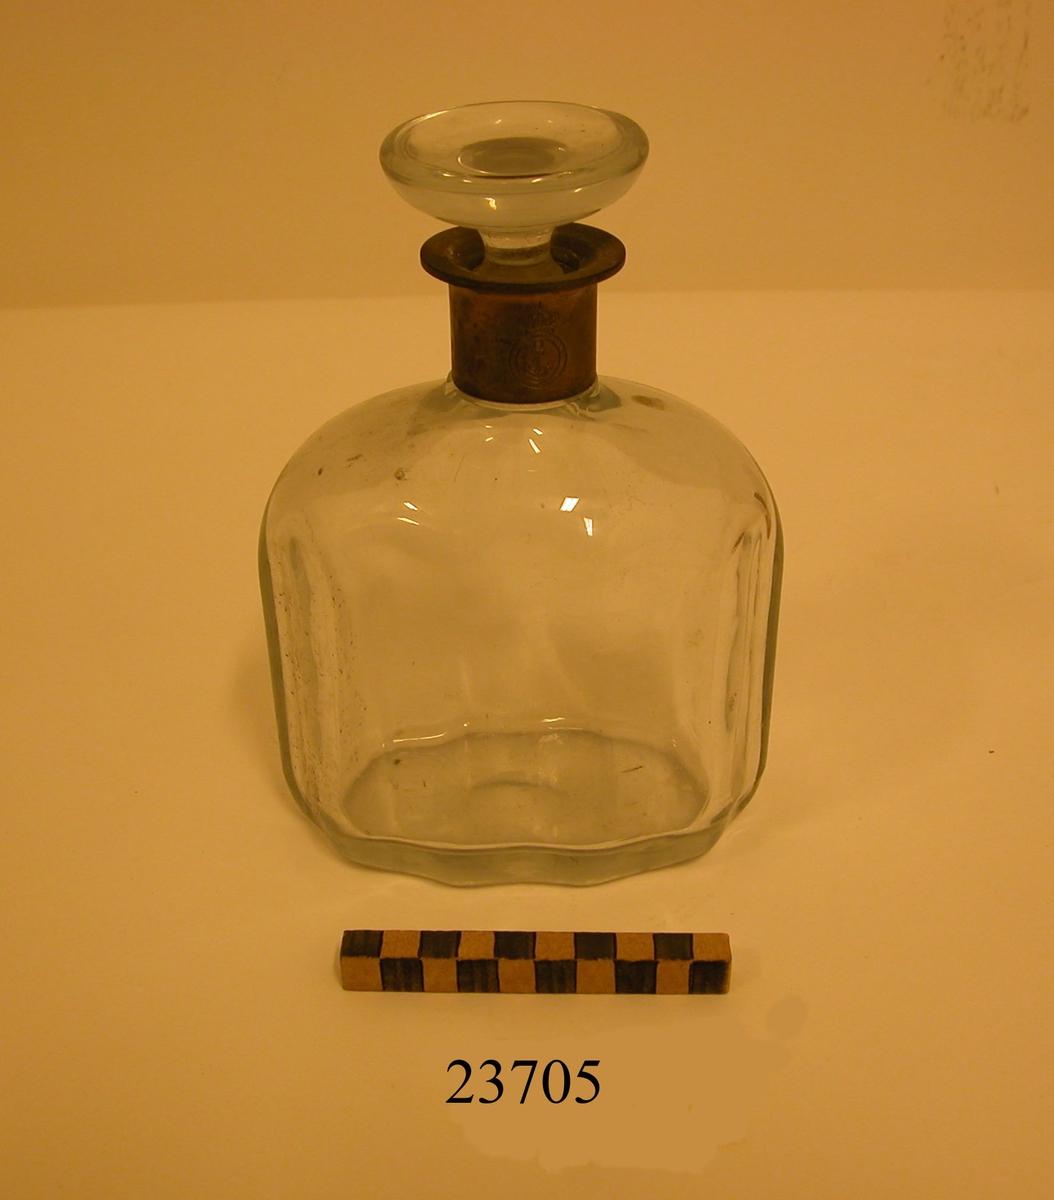 Karaff och propp av glas. Halsen försedd med krage av silver med ingraverat emblem, ankare med tross omgivet av cirkel och krönt med krona. Sjövärnskåren. Samt stämplad med kattfot och R8 (1943). Karaffen har rak oval form. Livet något vågformat.